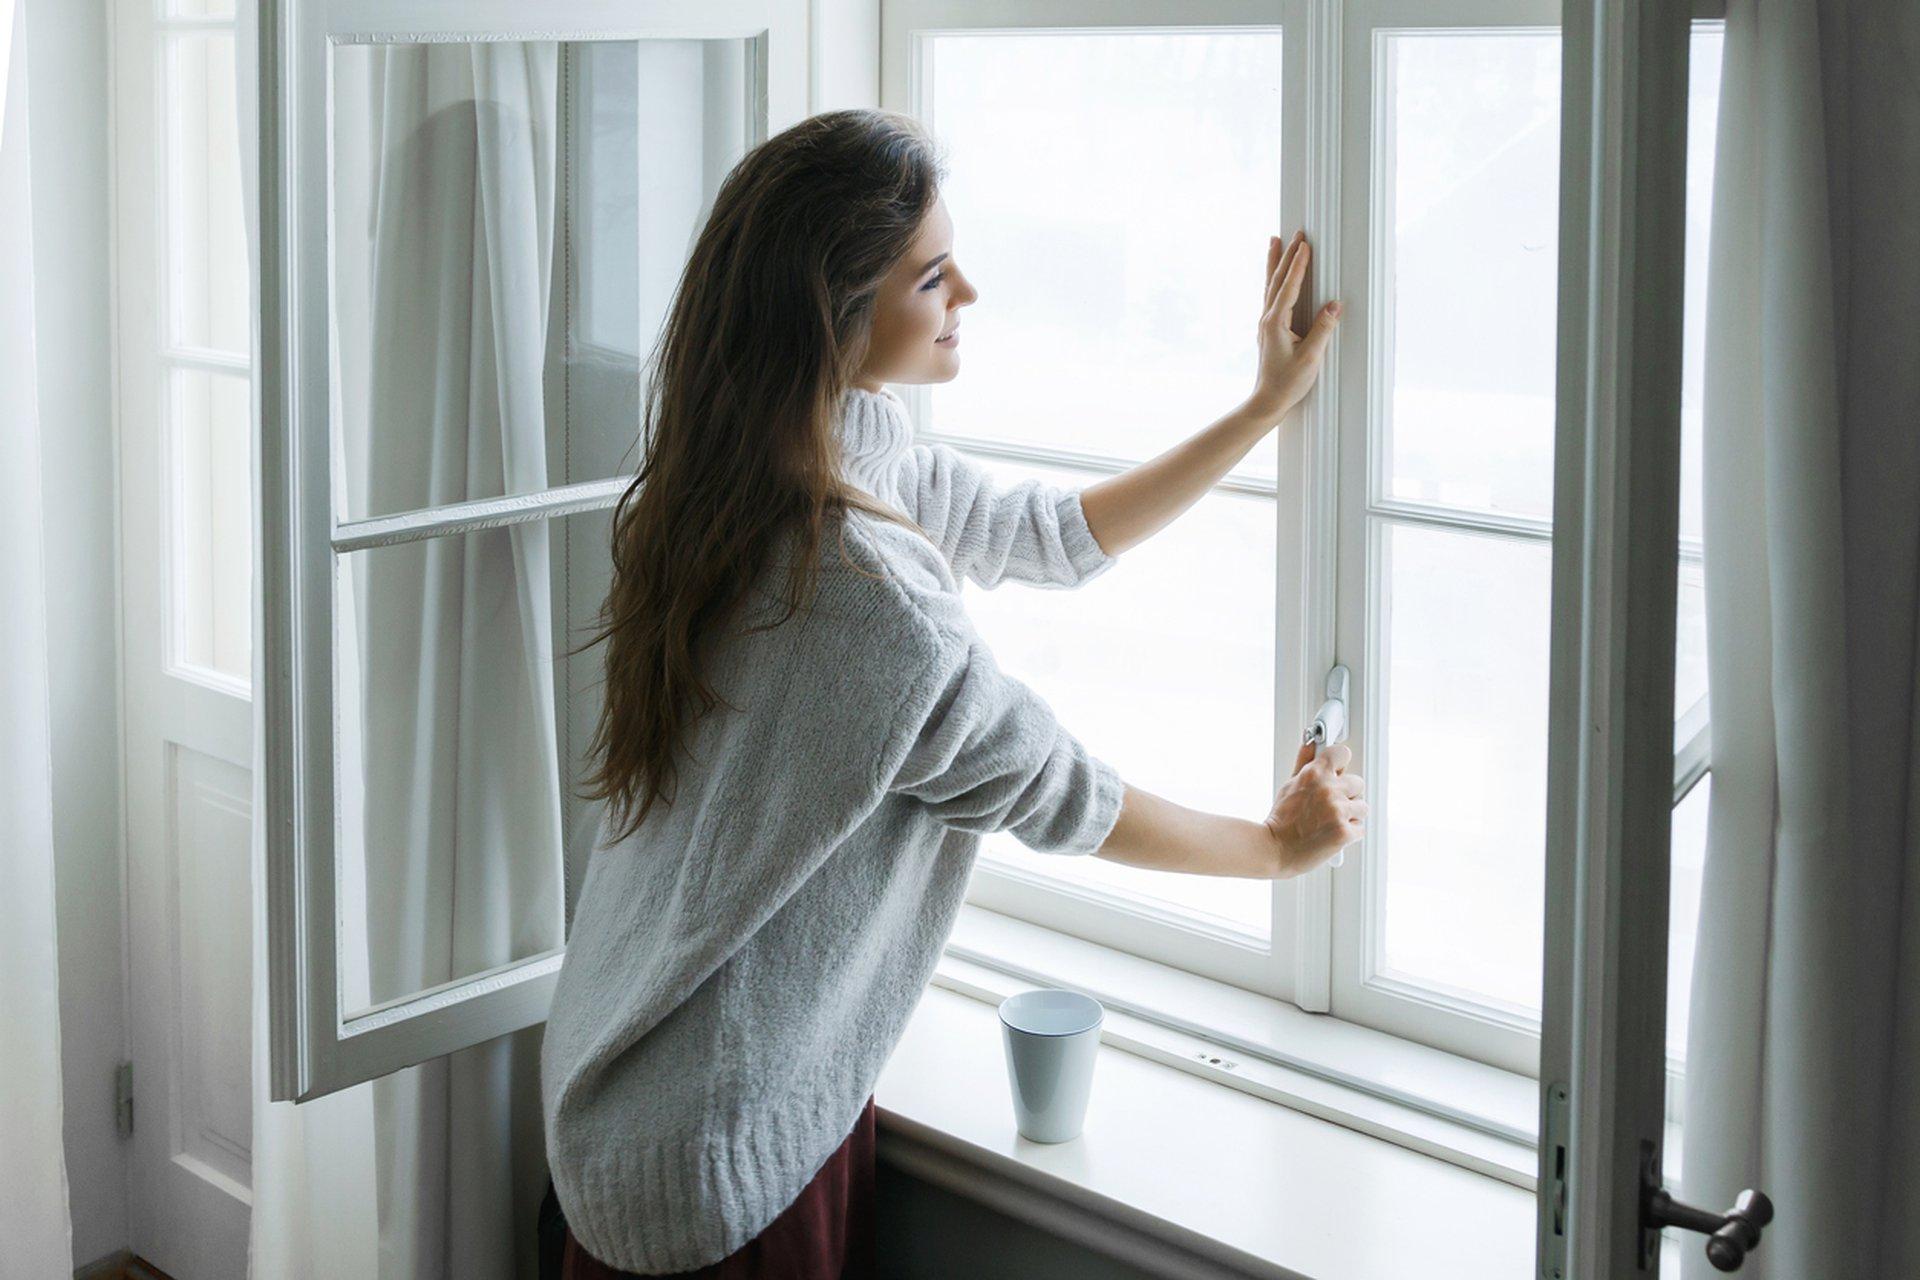 Fenster im Winter: Tipps gegen beschlagene Fenster